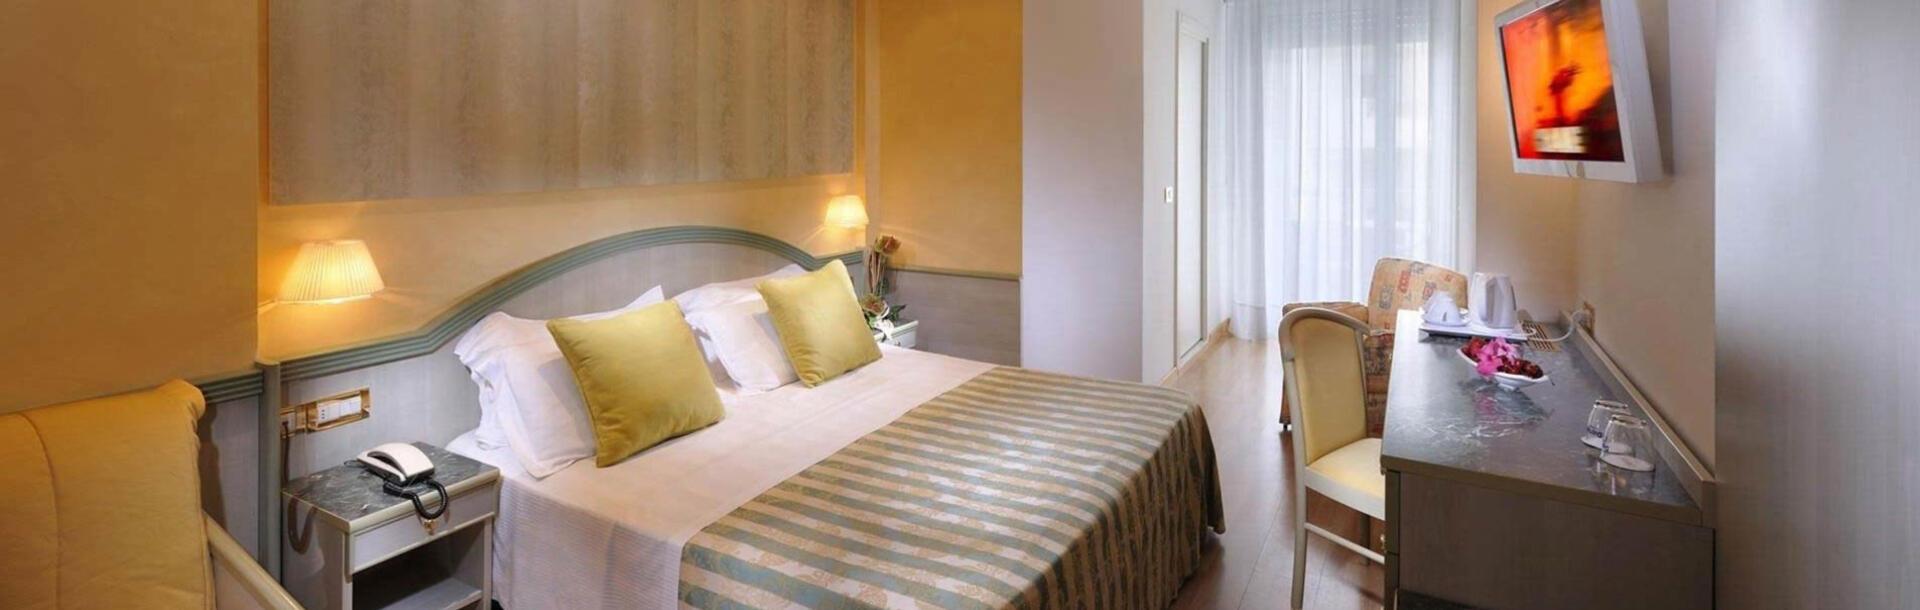 hotel-montecarlo it comfort-room-bibione 013